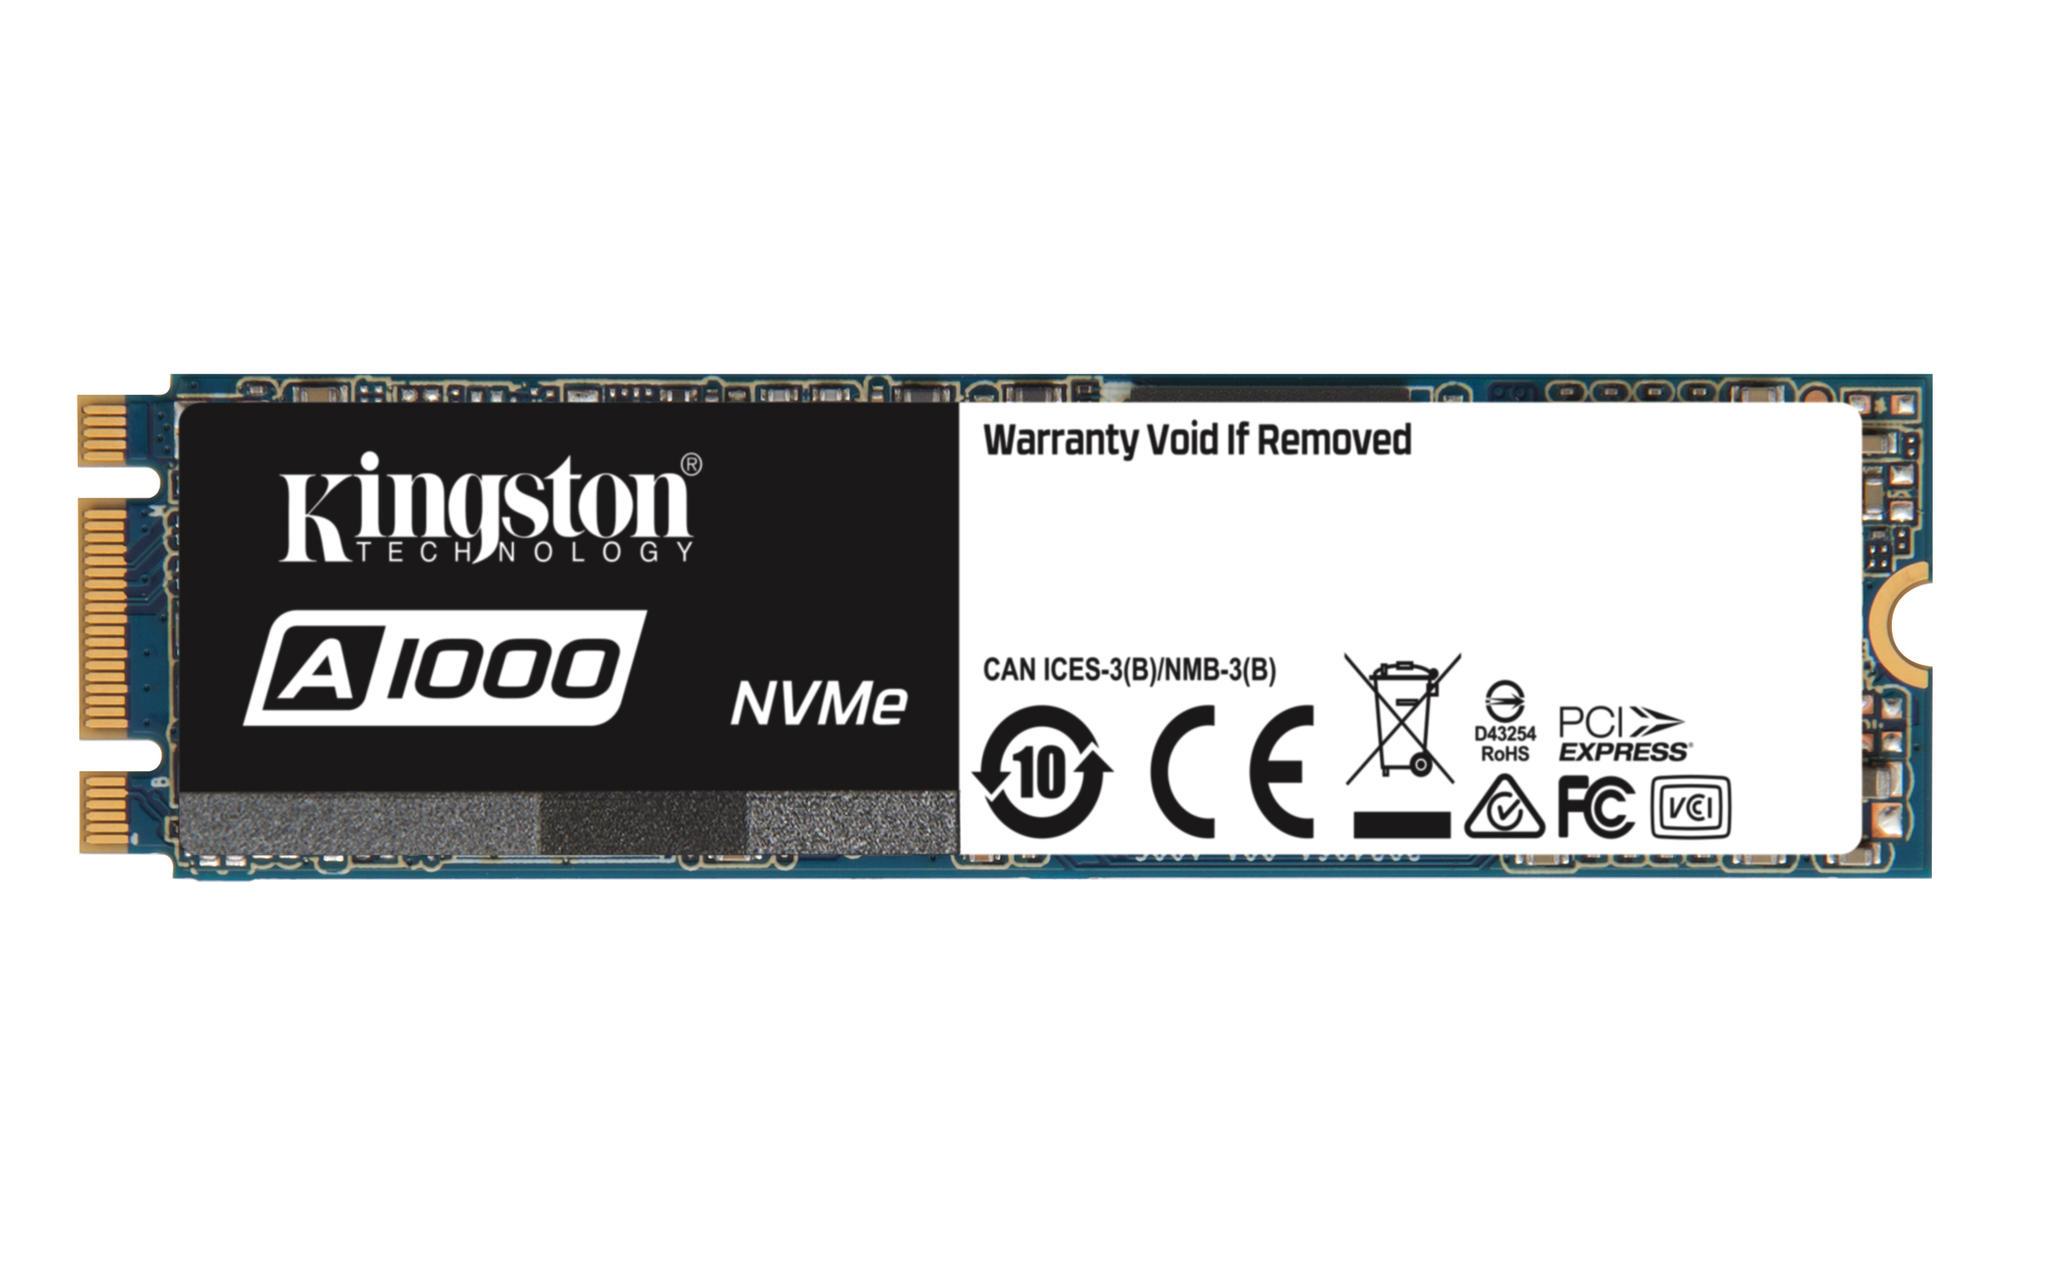 Kingston A1000 NVMe 480GB SSD